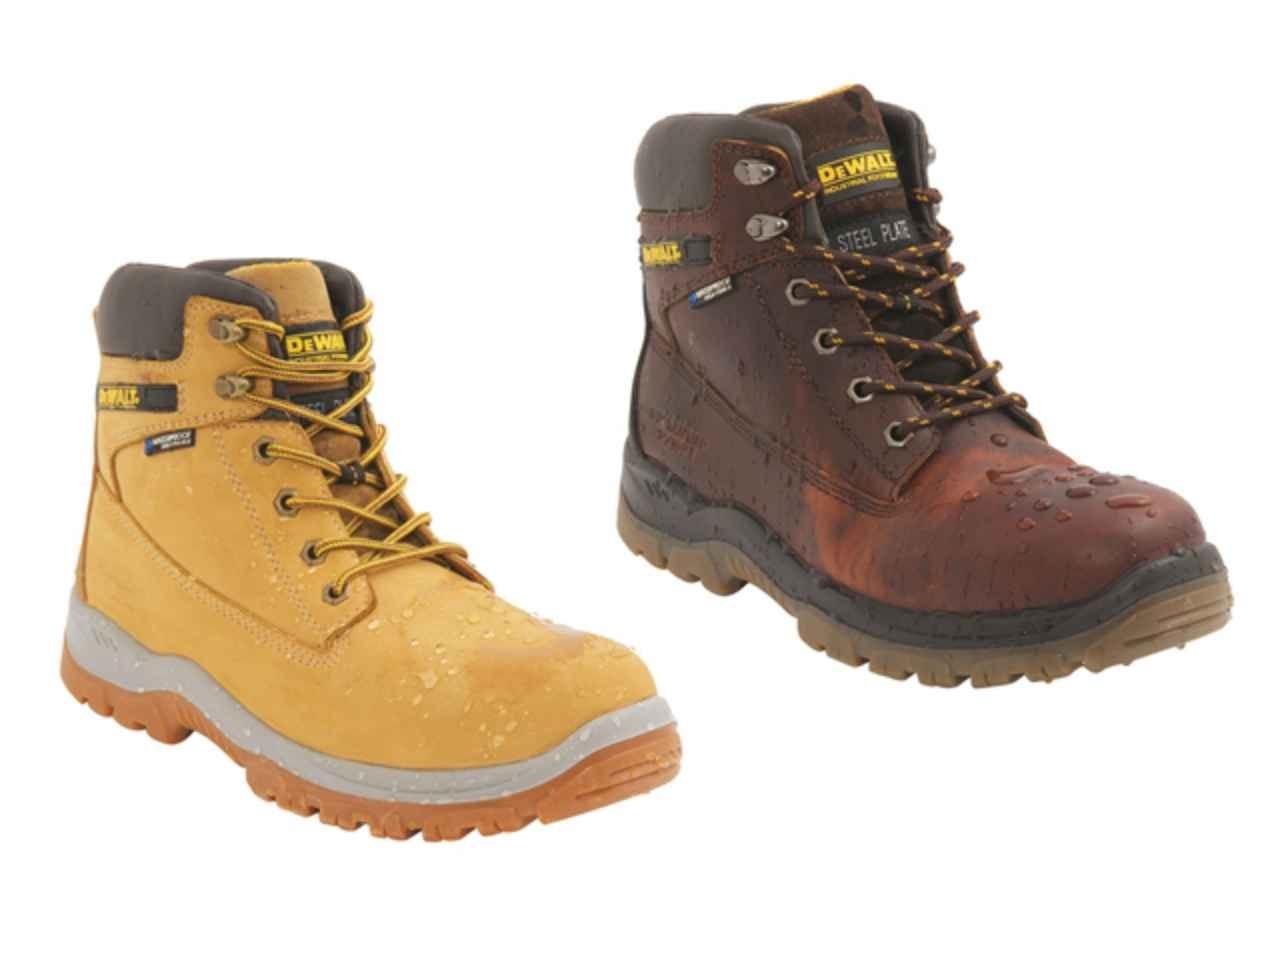 73dc83e5e55 DeWalt DEWTITANIUMTAN9 Titanium Tan S3 Safety Boots UK 9 Euro 43